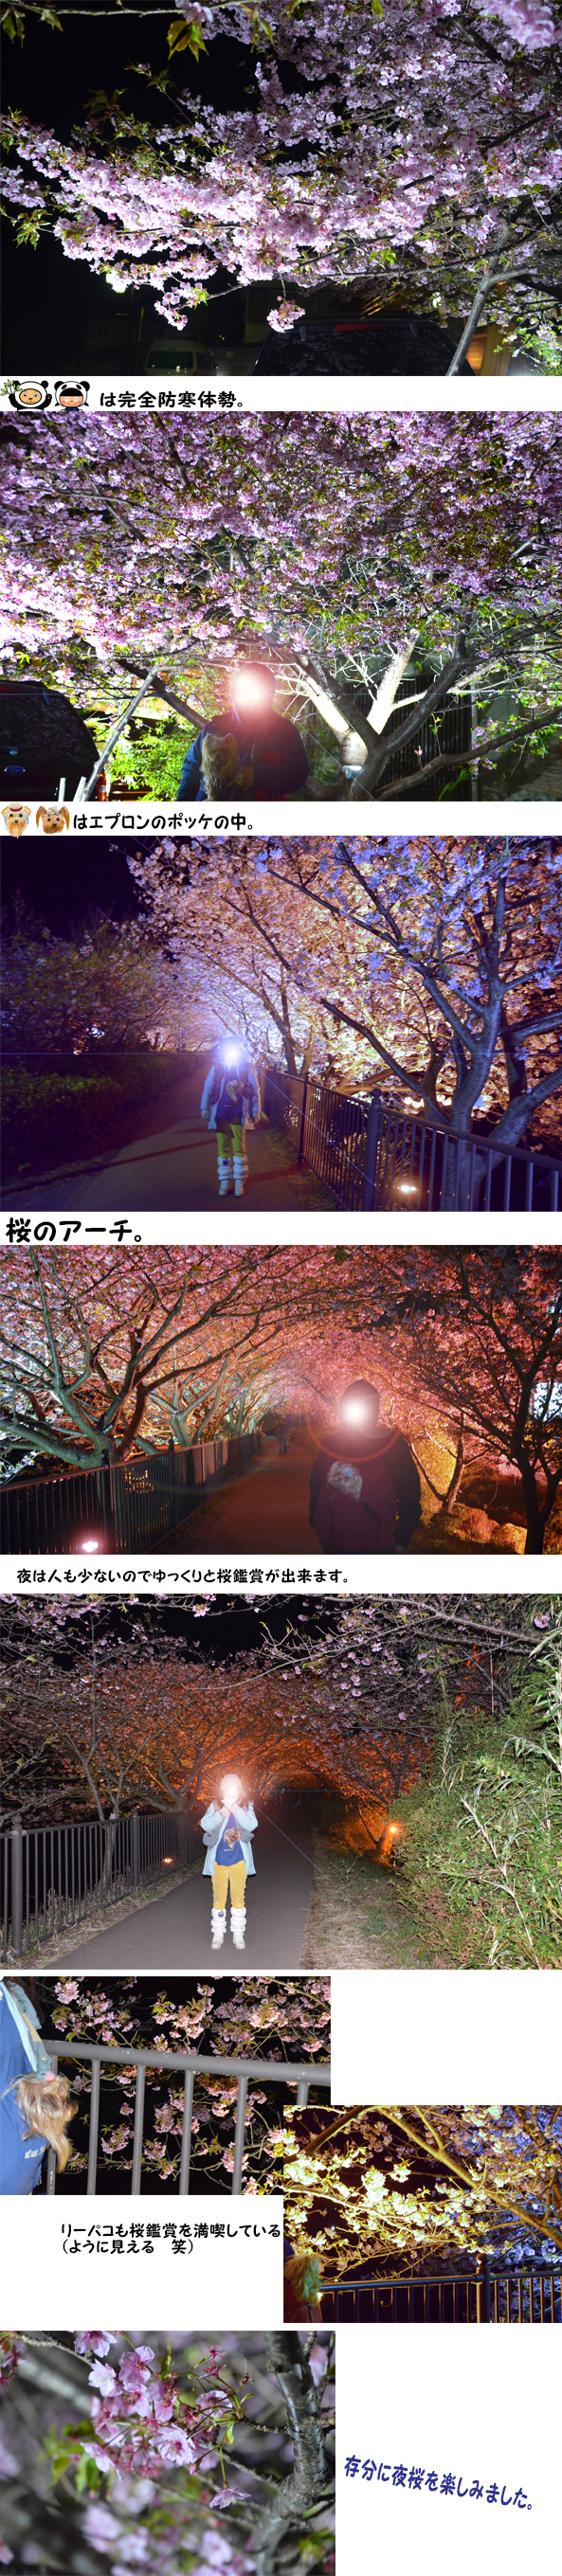 夜桜 のコピー